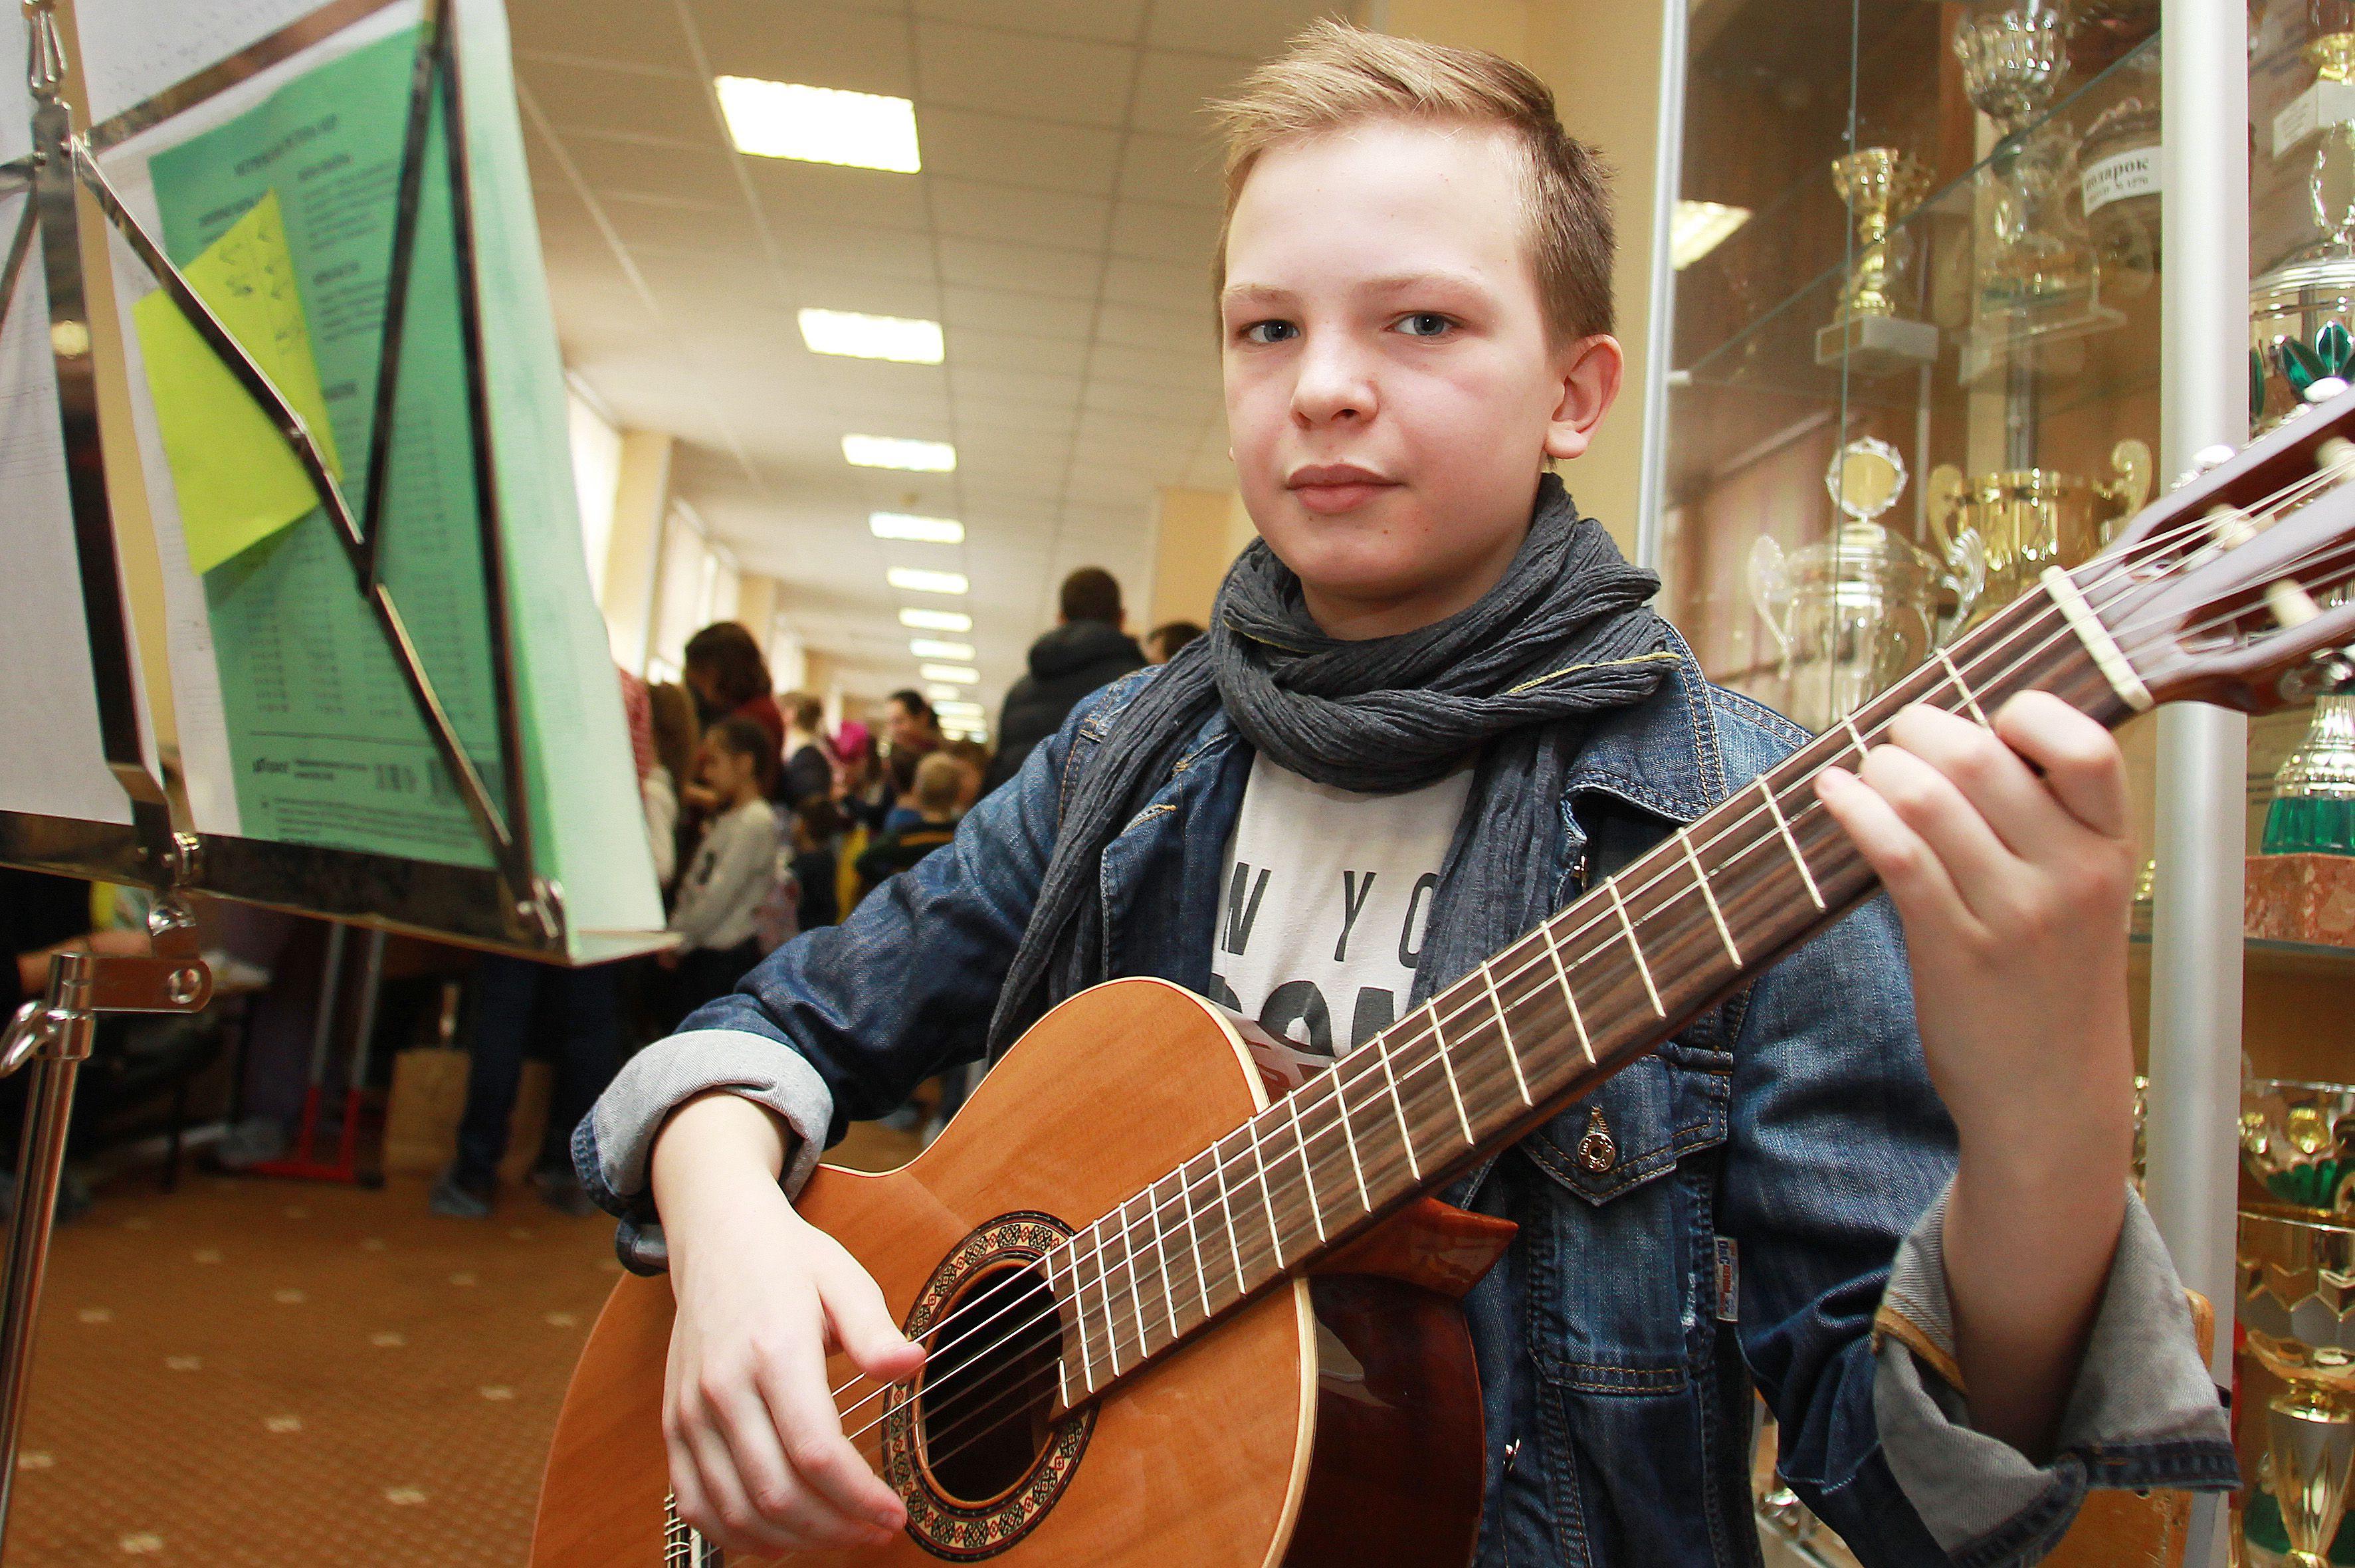 Музыканты из Щербинки исполнят различные композиции на гитаре